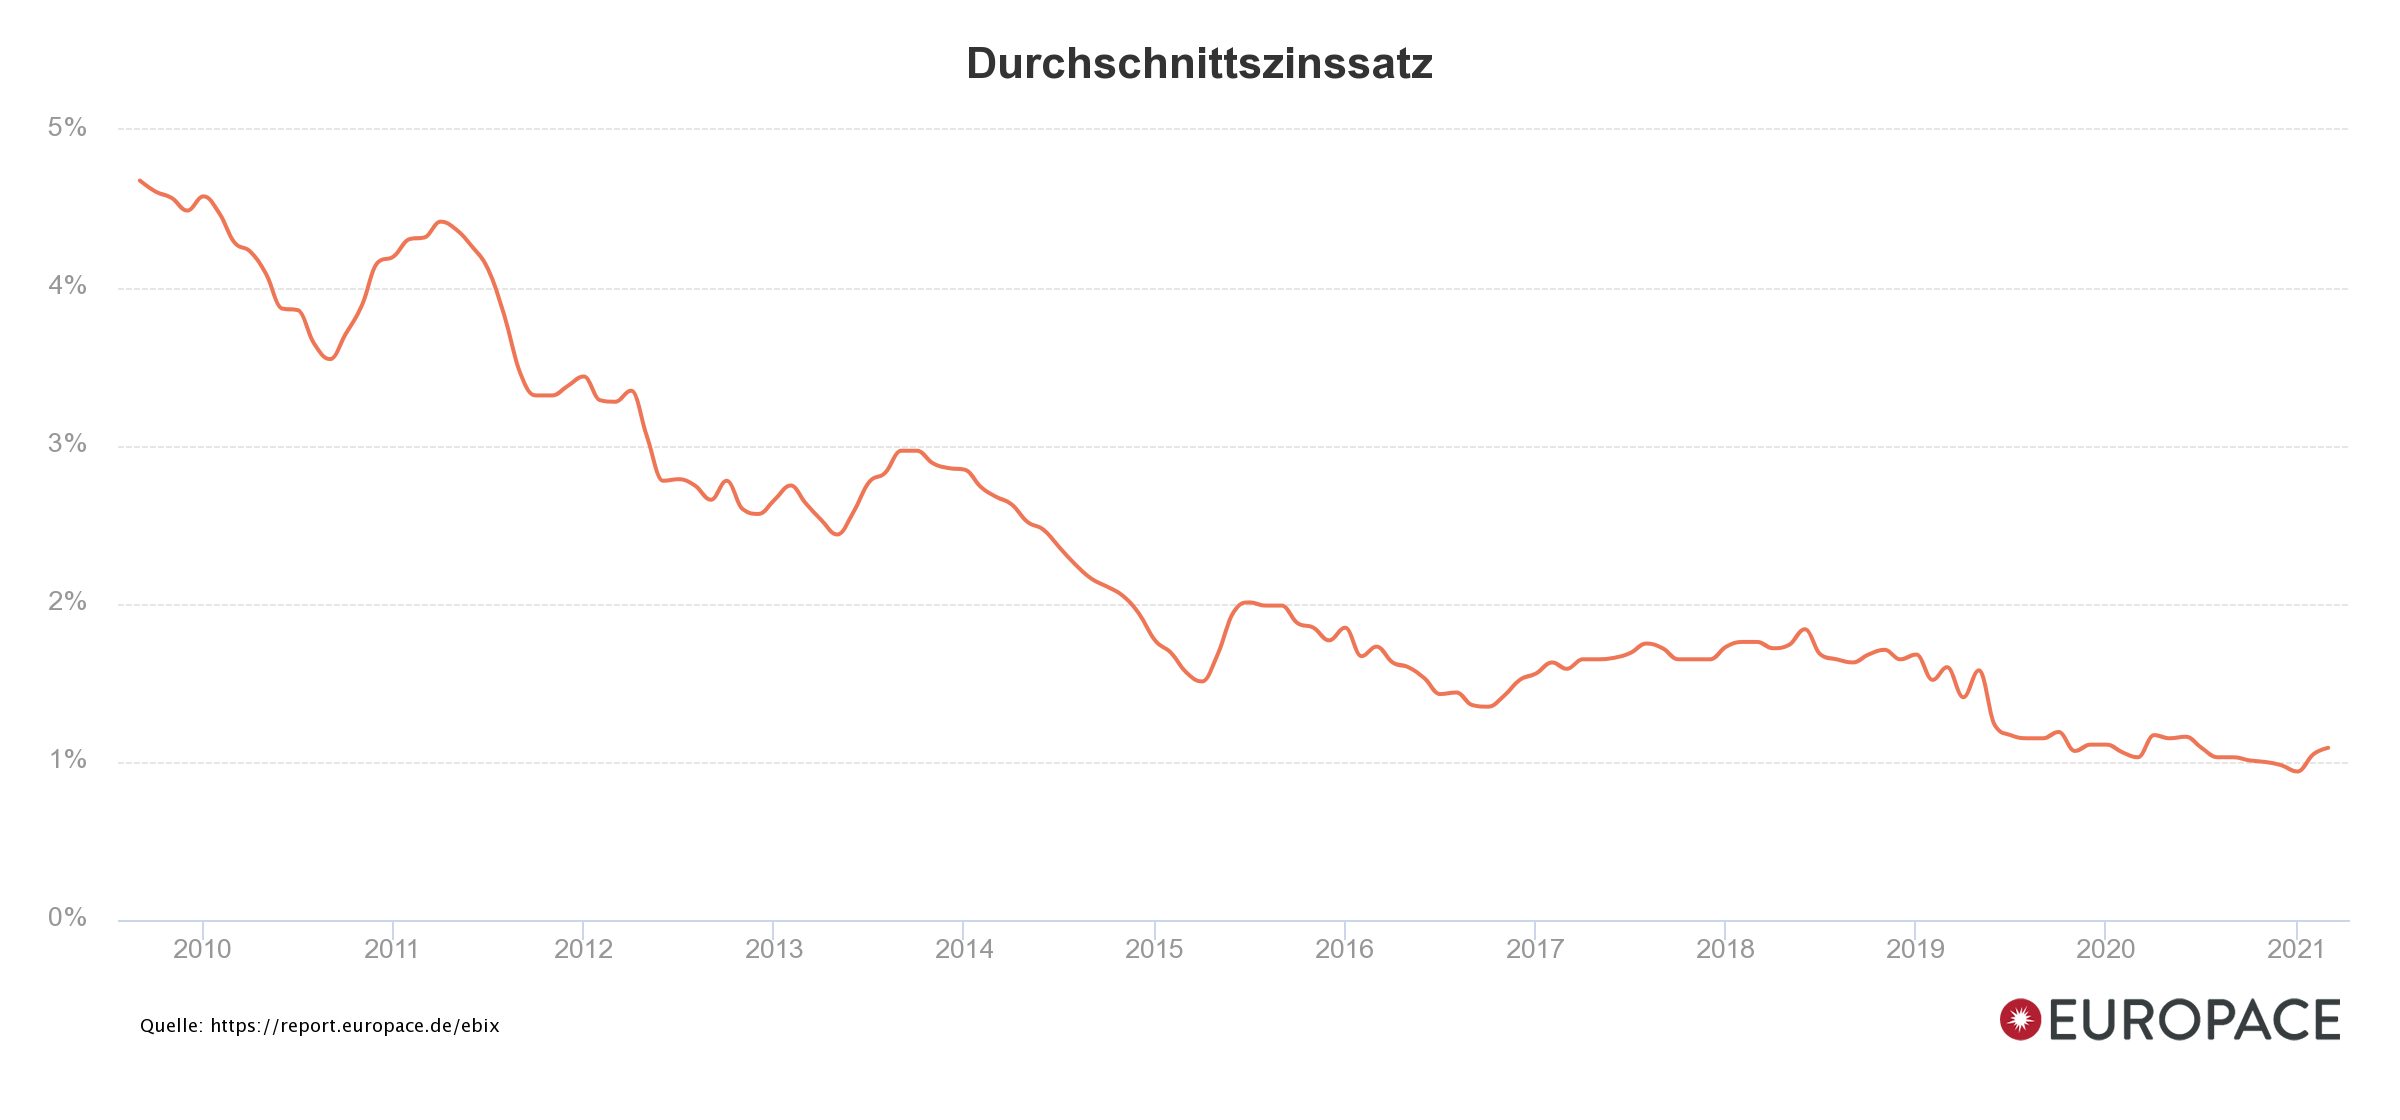 Vergleichen Sie den historischen Verlauf des Durchschnitts-Zinssatzes über die letzten 10 Jahre